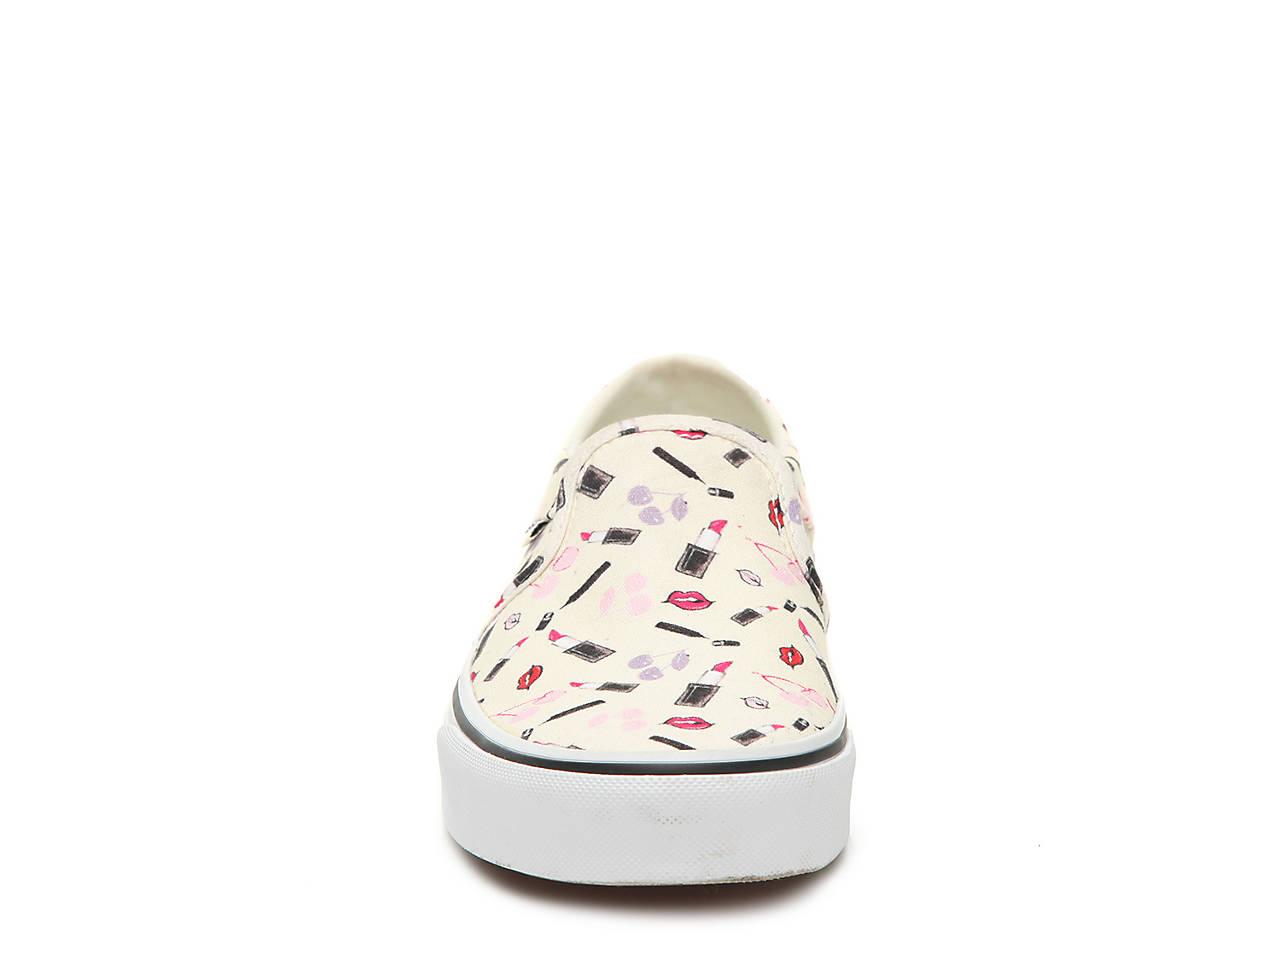 Vans Asher Makeup Slip-On Sneaker - Women s Women s Shoes  0534ab2e5